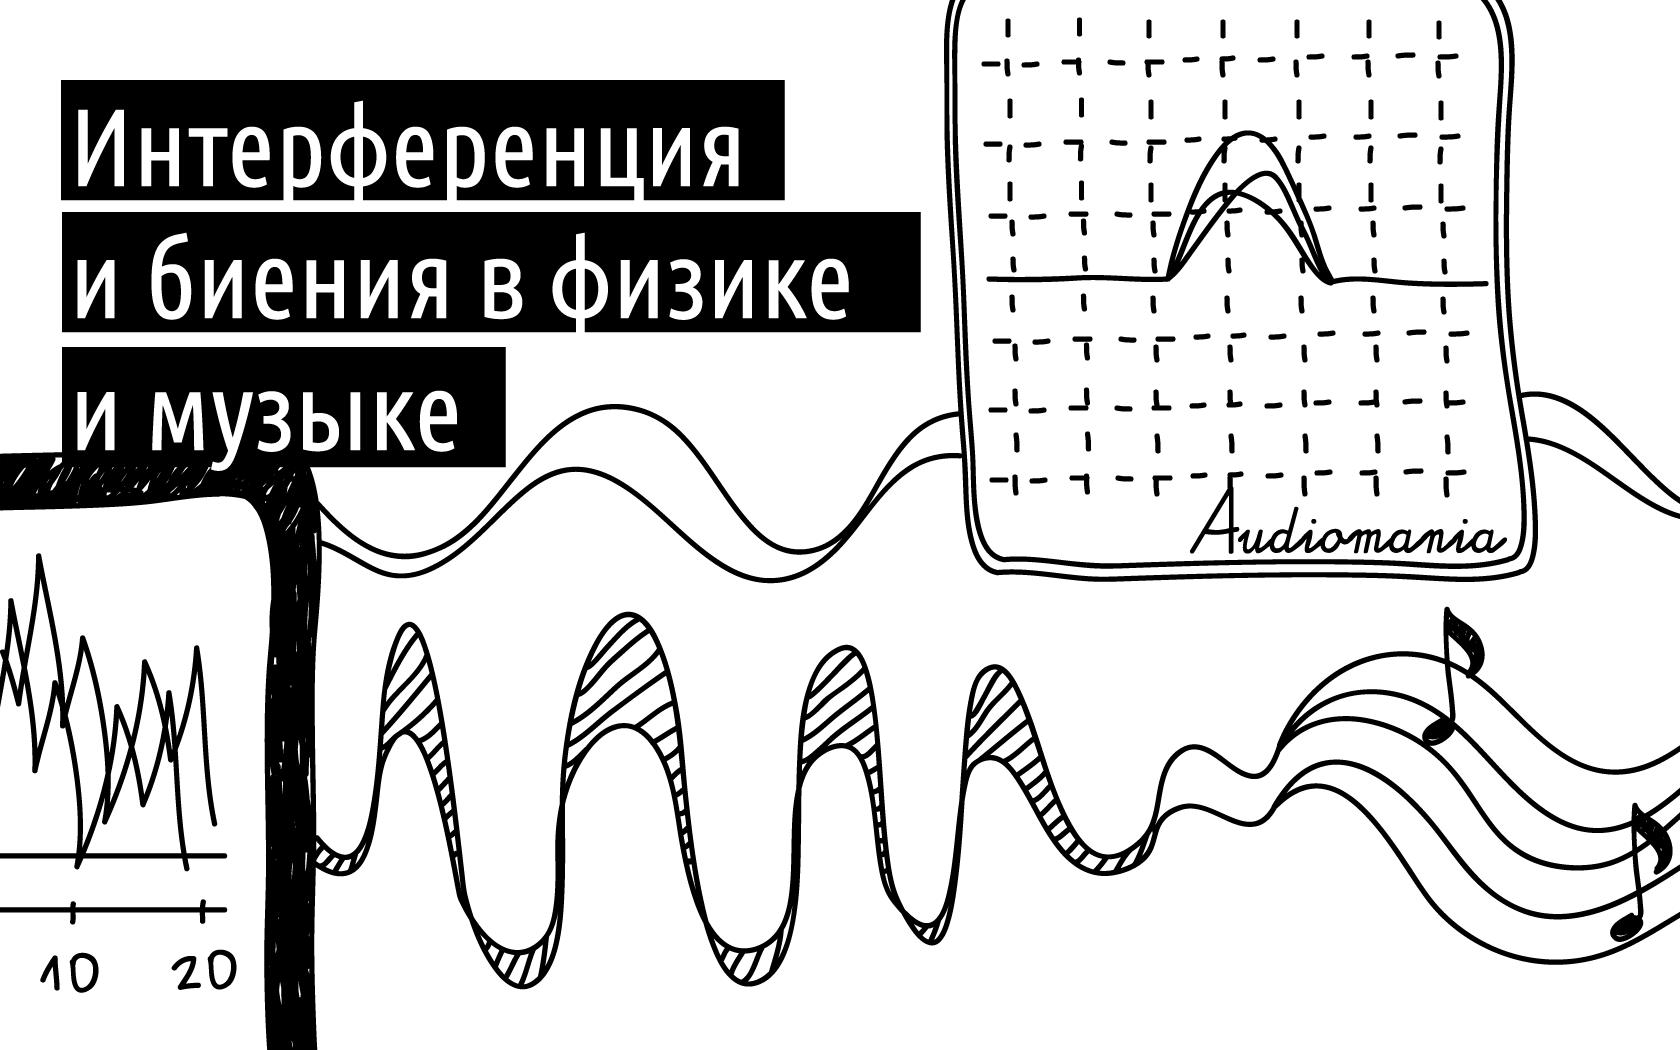 Интерференция и биения в физике и музыке - 1